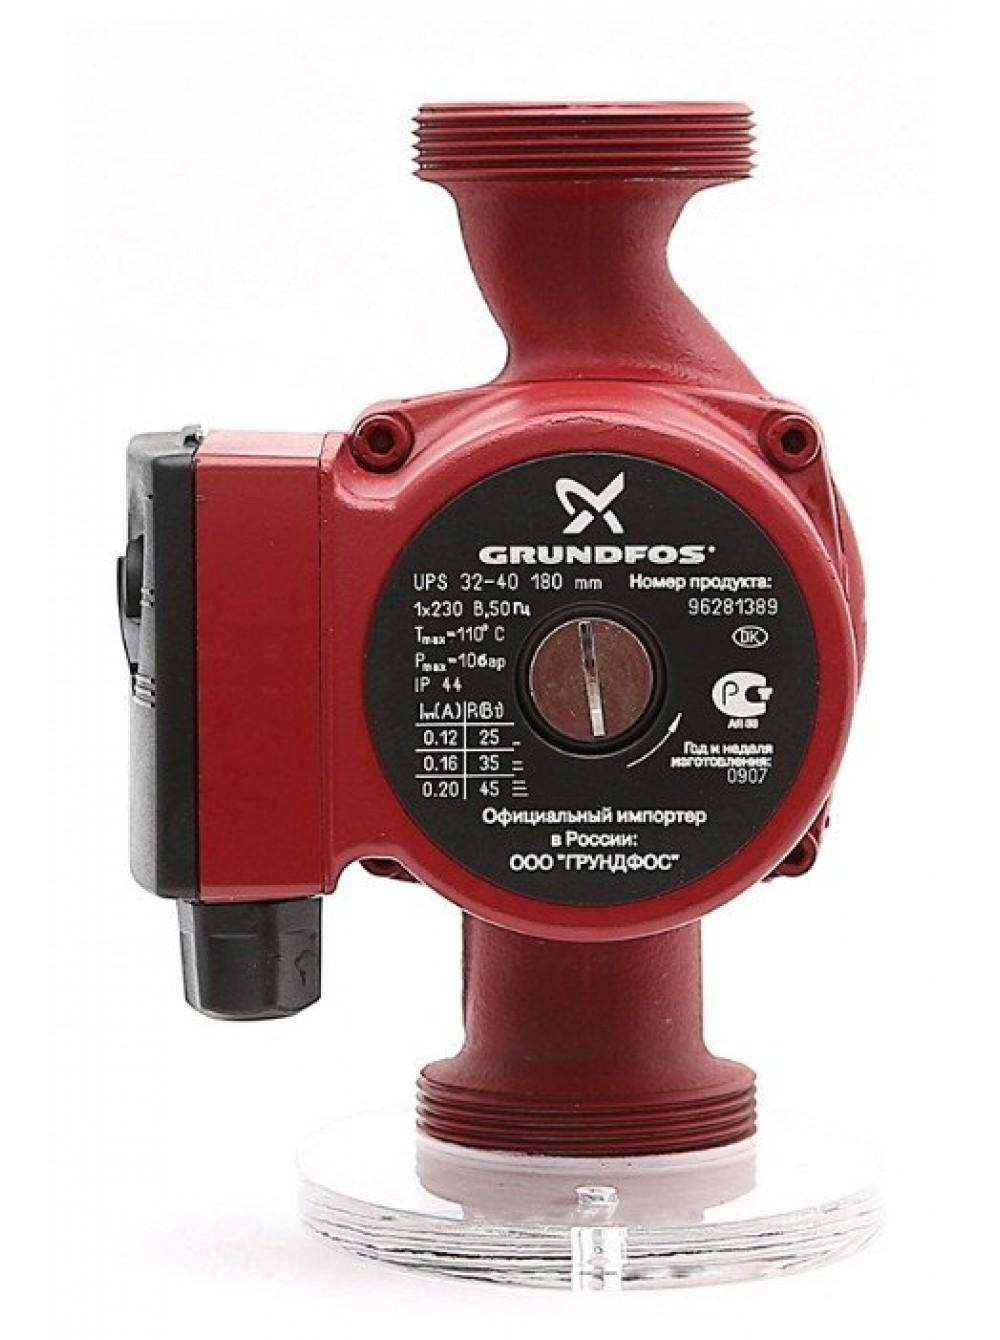 Циркуляционный насос для отопления Grundfos UPS 32/40-180 Оригинал цена